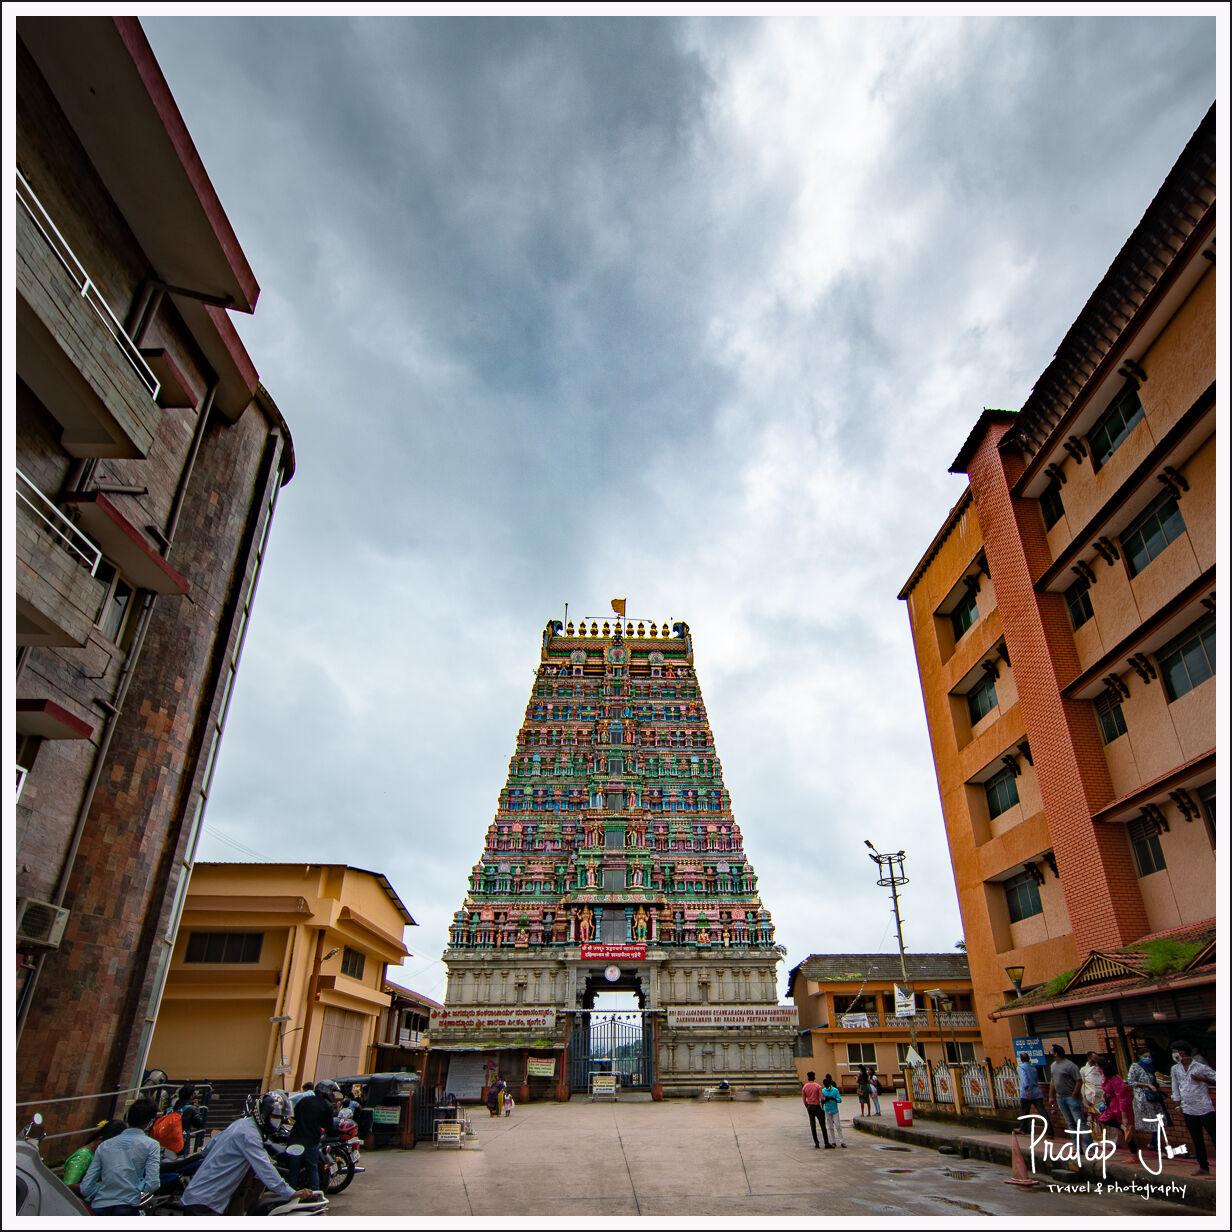 Entrance to Sringeri temple